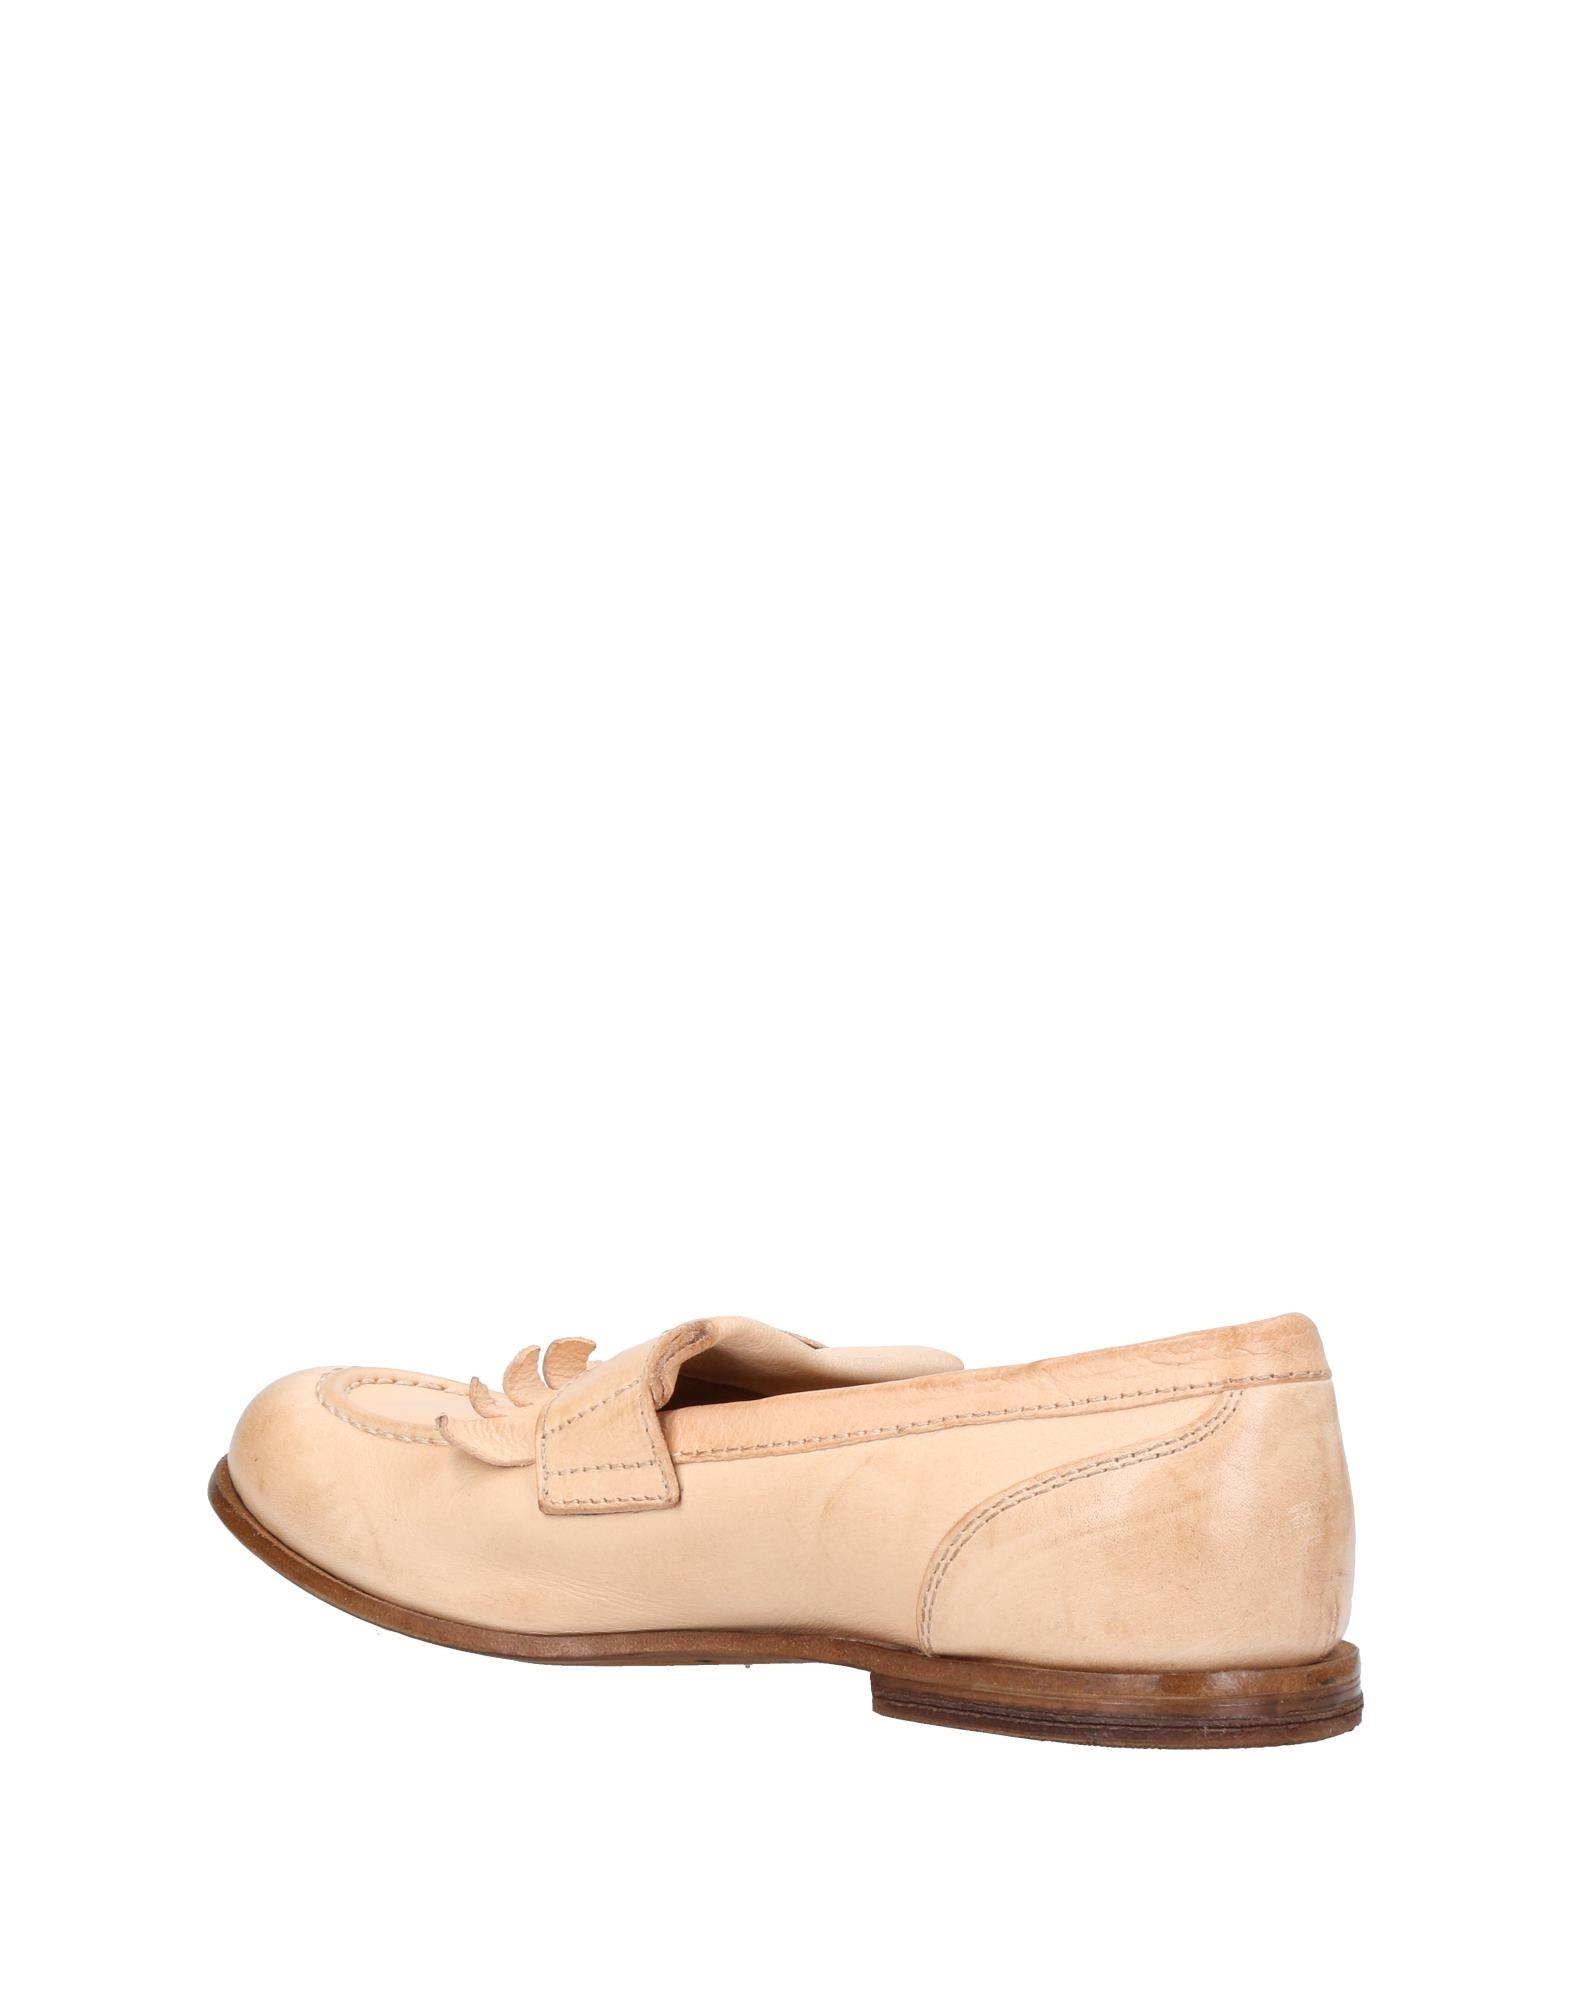 Stilvolle Moma billige Schuhe Moma Stilvolle Mokassins Damen  11412711XA 66636e